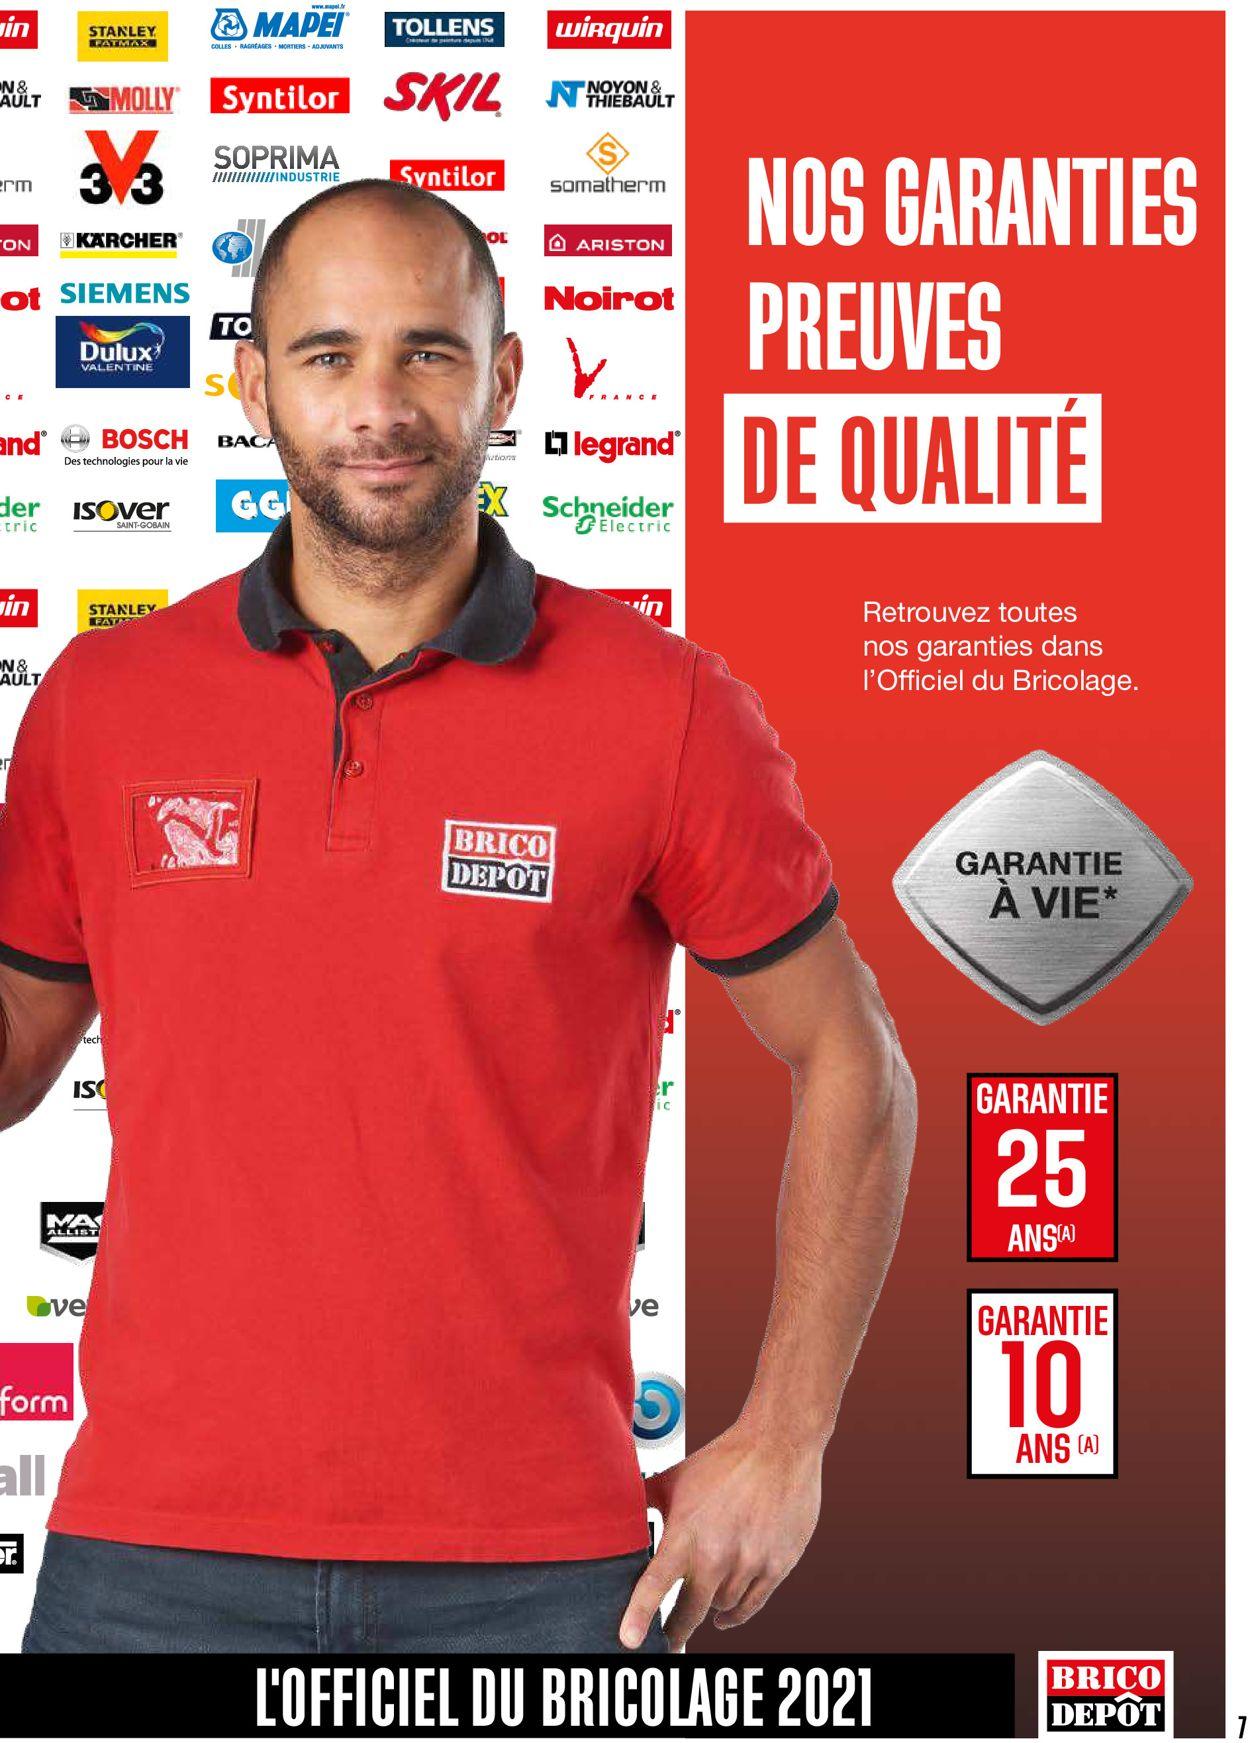 Brico Dépôt Catalogue - 01.05-31.12.2021 (Page 7)